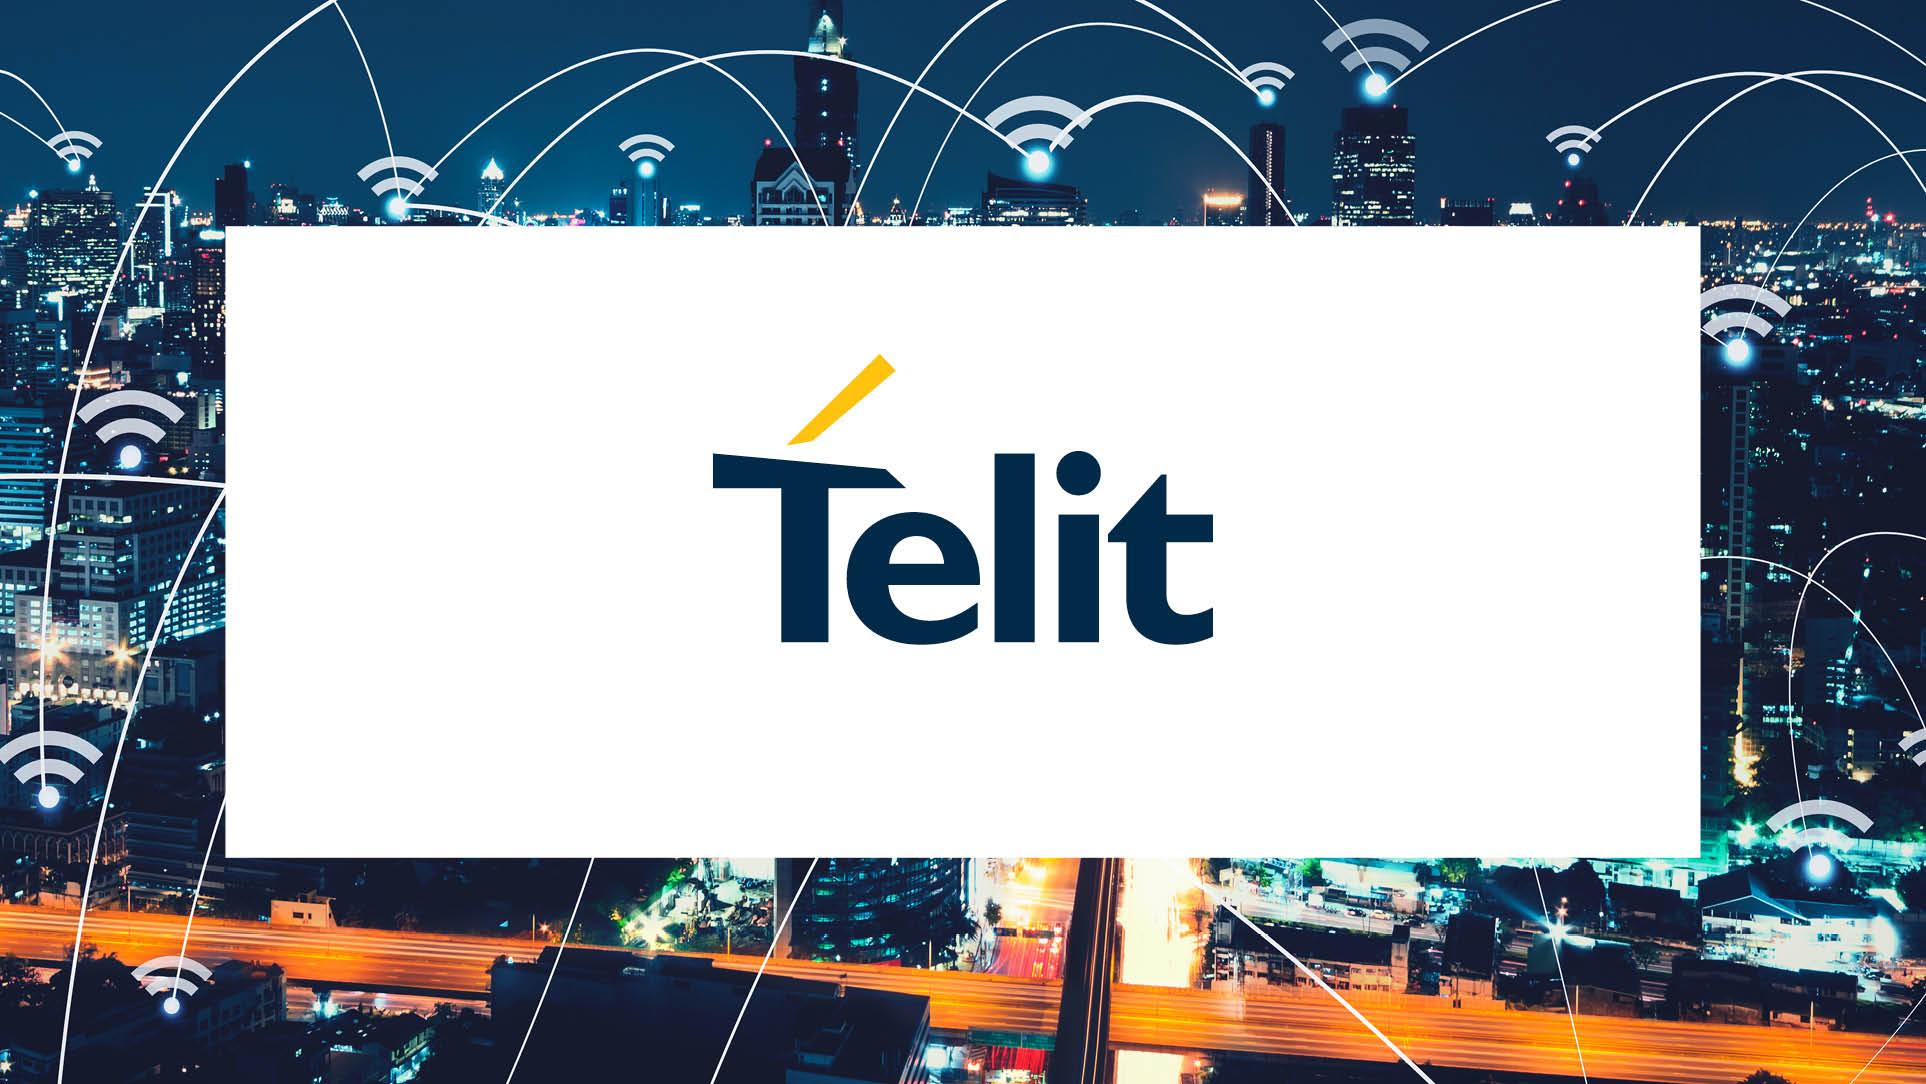 Telit_CS_OGv1.jpg